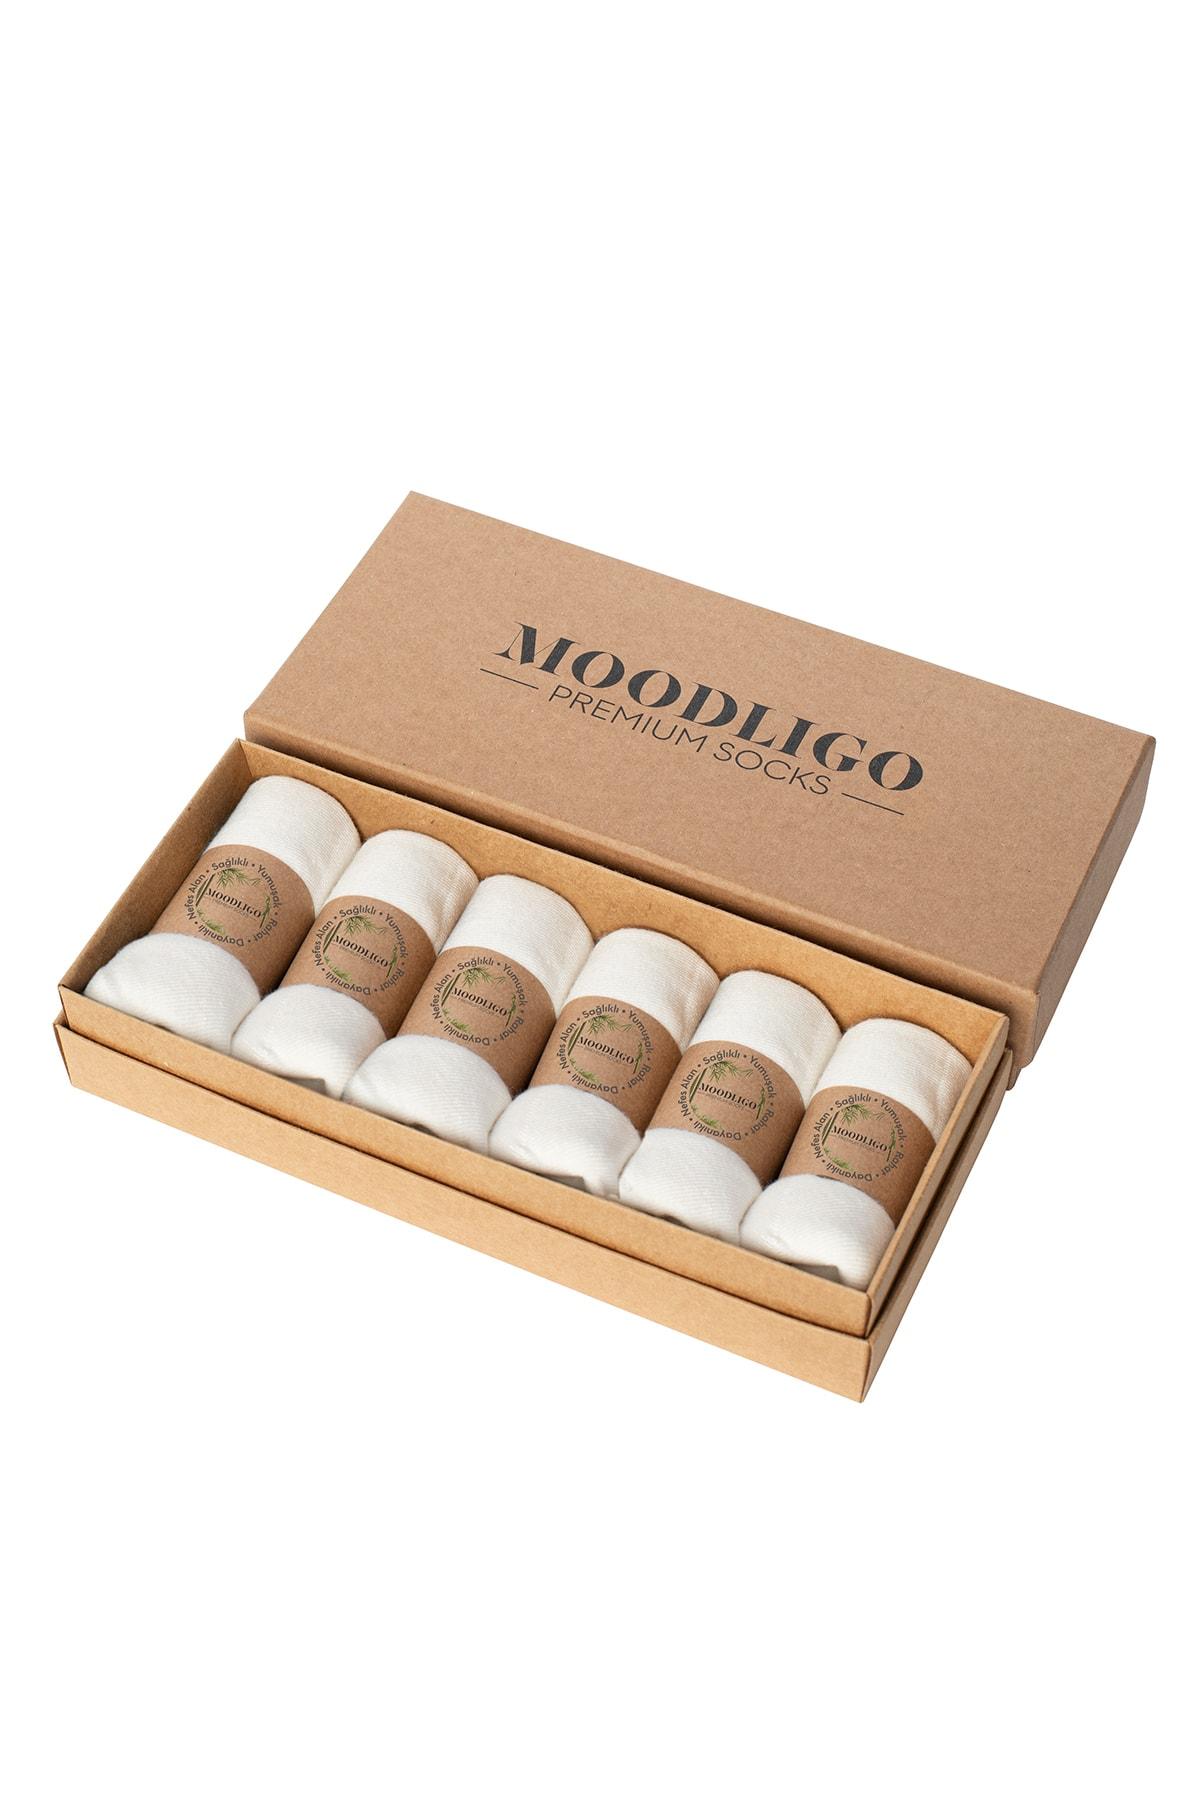 Moodligo Erkek Beyaz Premium 6'lı Bambu Patik Çorap 1